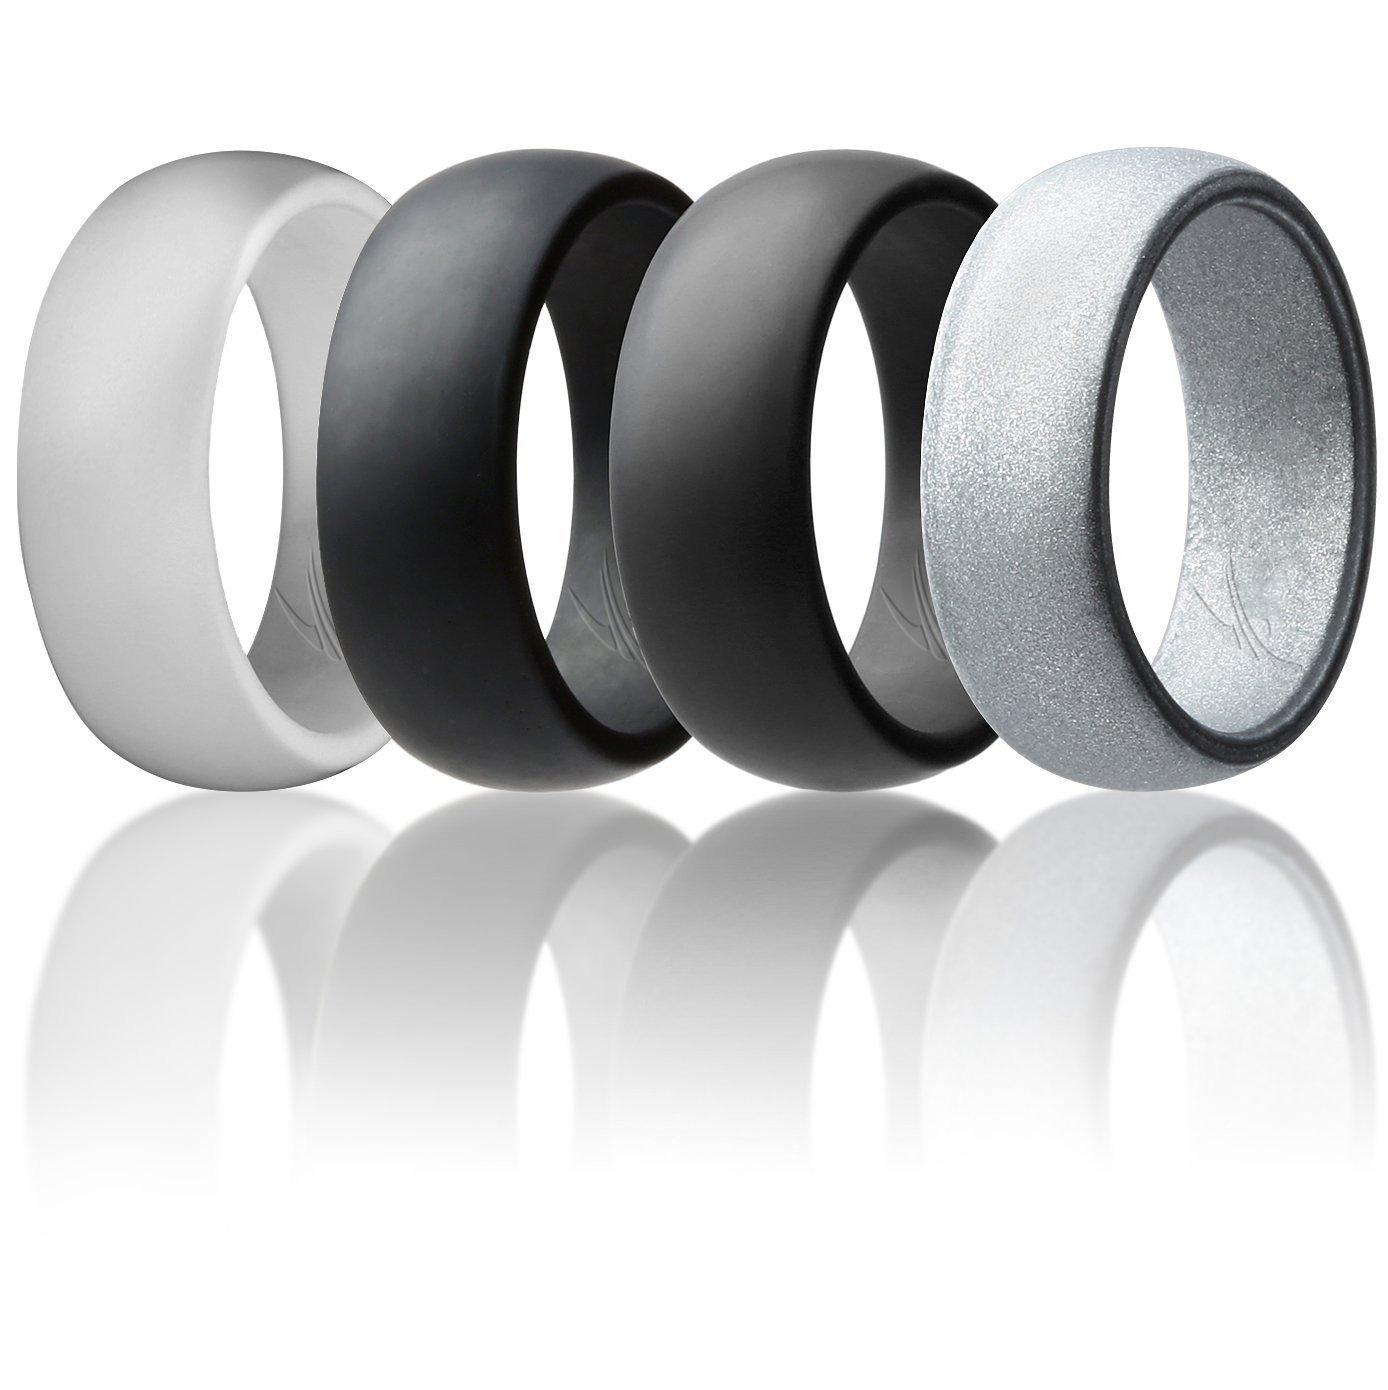 激安正規  シリコンウェディングリングメンズby Roq手頃なシリコンゴムバンド、7パック、4パック& Silver Singles – Light 迷彩 –、メタルLookシルバー、ブラック、グレー、ライトグレー B01NCOCT0J Black, Grey, Light Grey, Silver 6.5 - 7 (17.3mm) 6.5 - 7 (17.3mm)|Black, Grey, Light Grey, Silver, ホシショップ:cd20a404 --- beyonddefeat.com